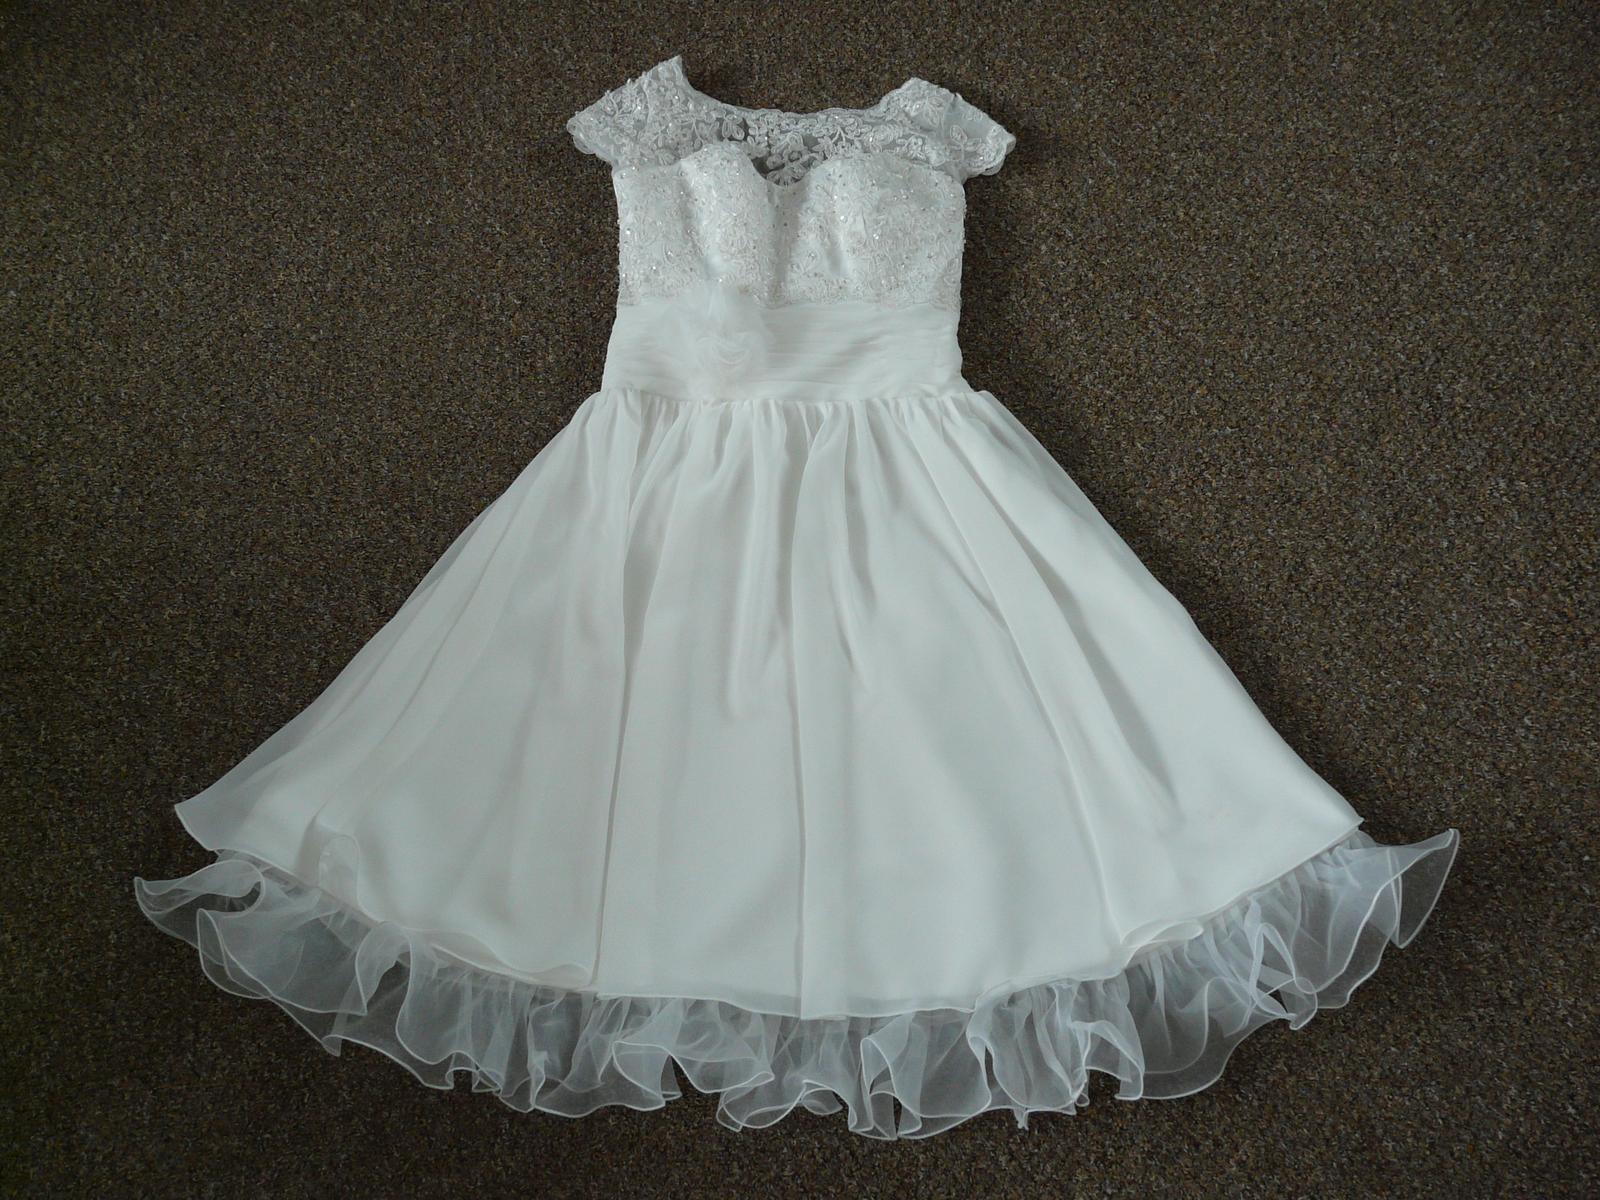 Krátké svatební šaty, reálné foto, různé velikosti - Obrázek č. 1